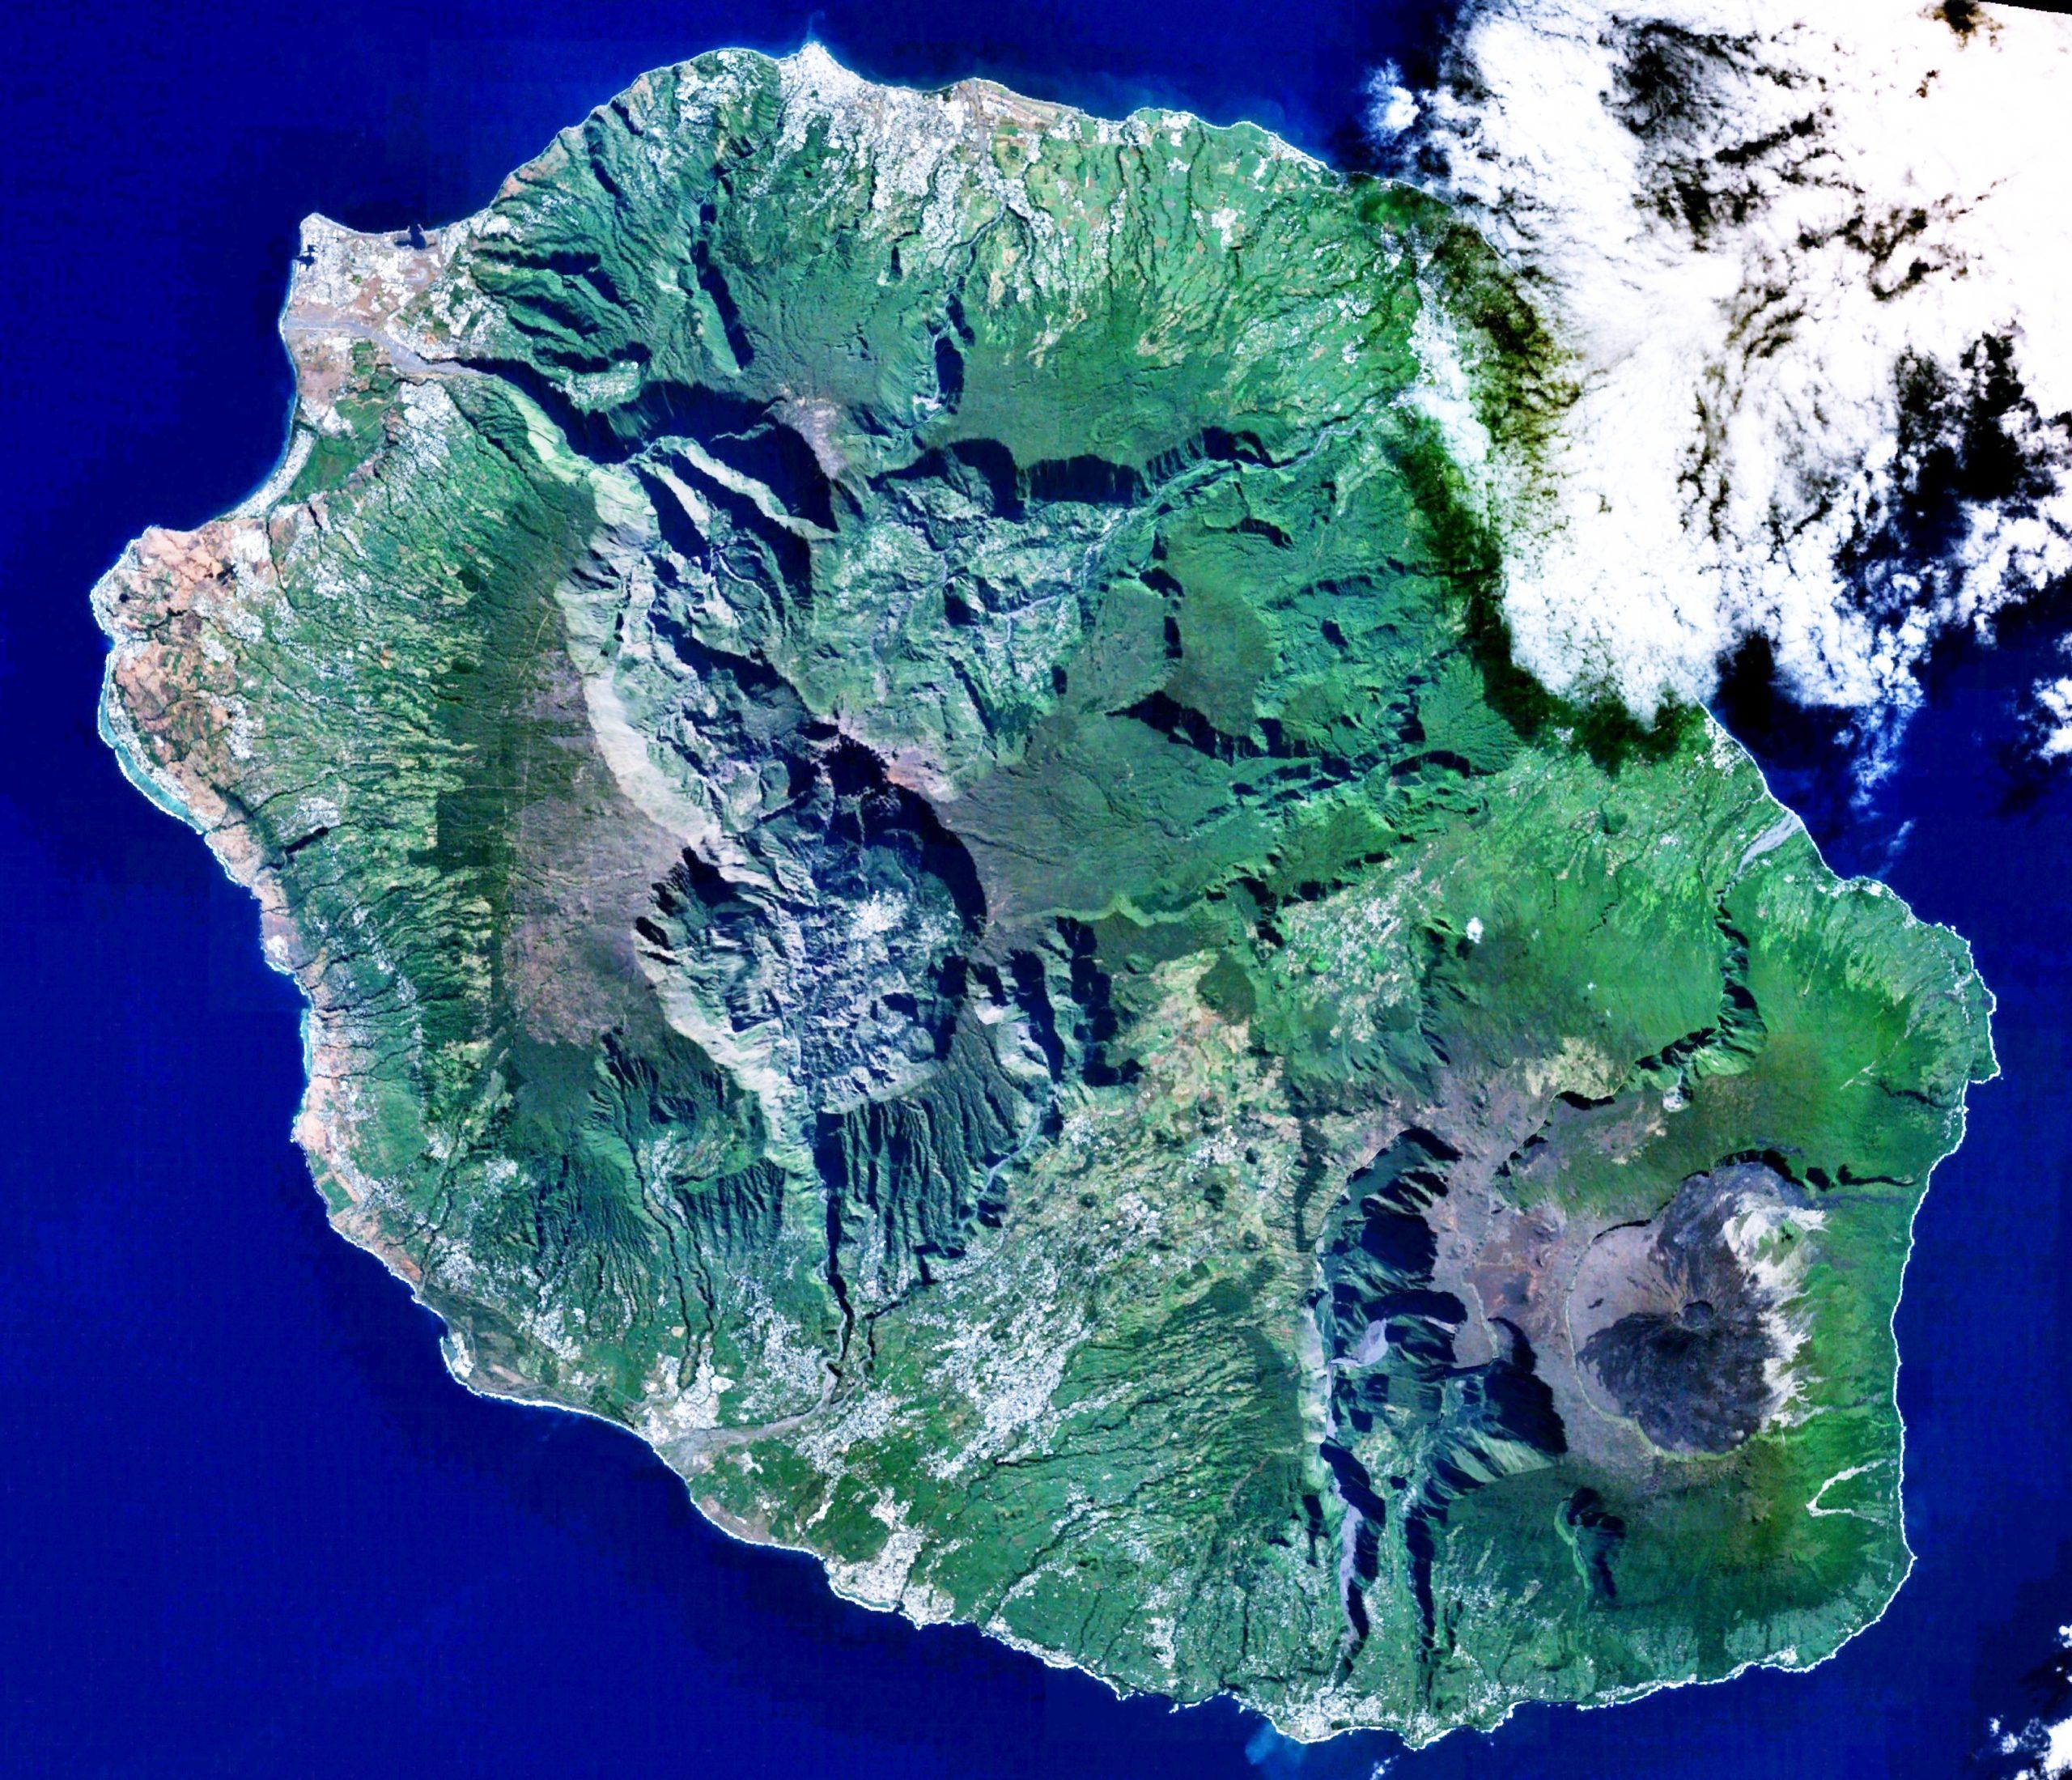 Où se trouve l'île de la Réunion sur la carte du monde?